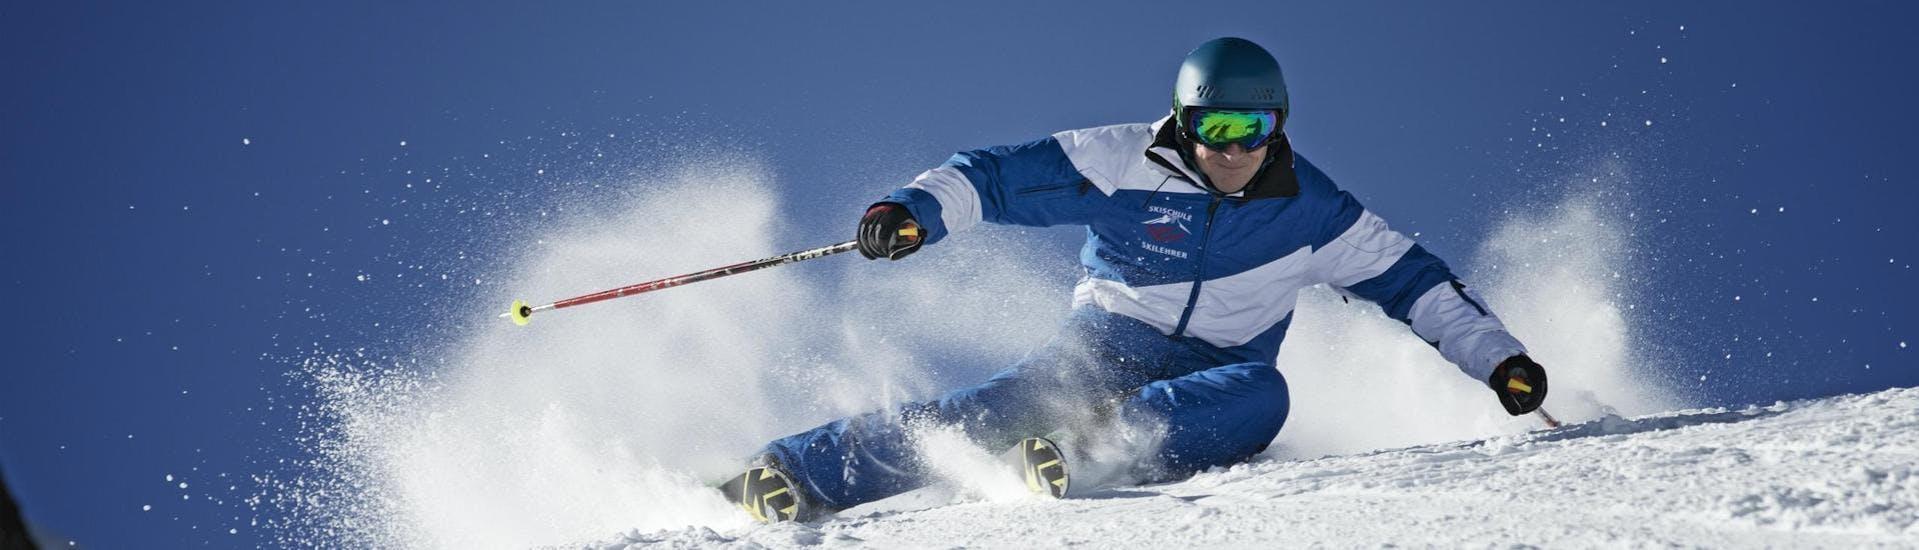 Ein Skilehrer der Skischule Thomas Sprenzel demonstriert eine perfekte Carving Technik während er im Skigebiet Garmisch-Classic einen Skikurs abhält.